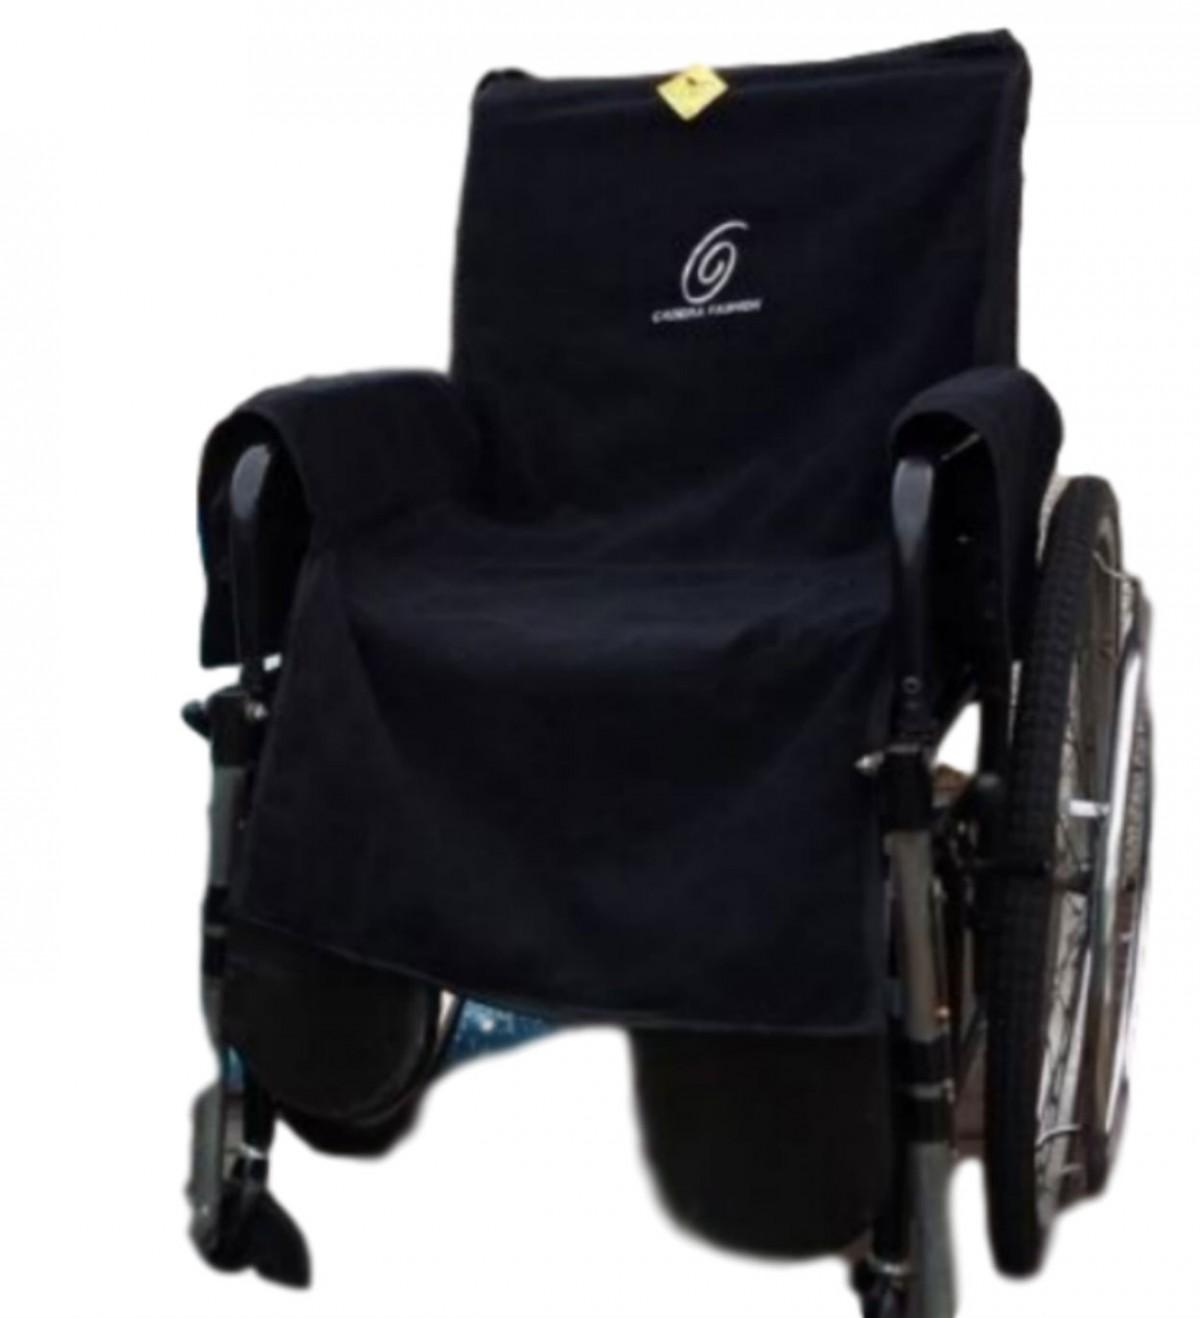 Foto 1 - Kit Toalha com Braço e Pochete Interna Para Cadeira de Rodas